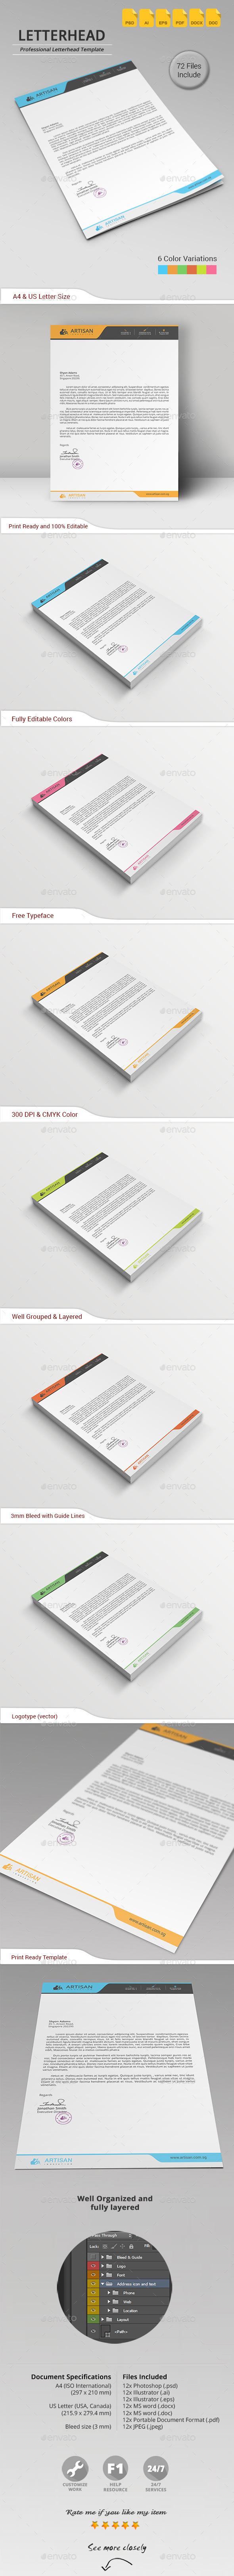 GraphicRiver Letterhead 11374747